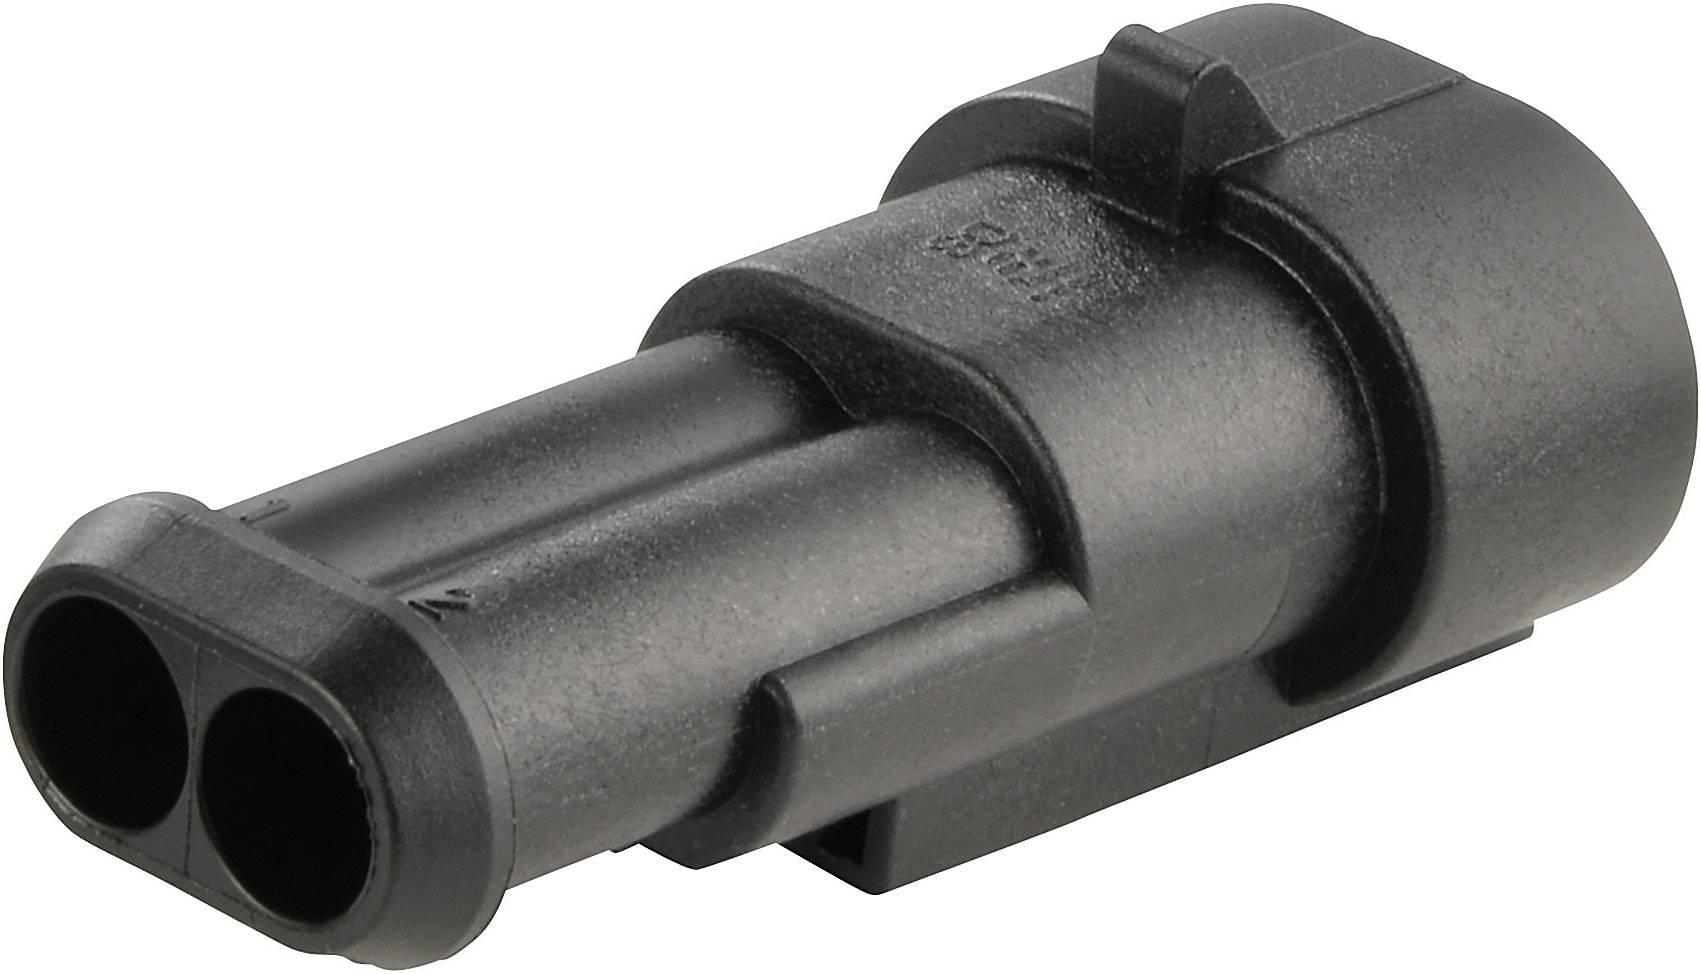 Zásuvkové púzdro na kábel TE Connectivity 282104-1, počet pólov 2, raster 6 mm, 1 ks